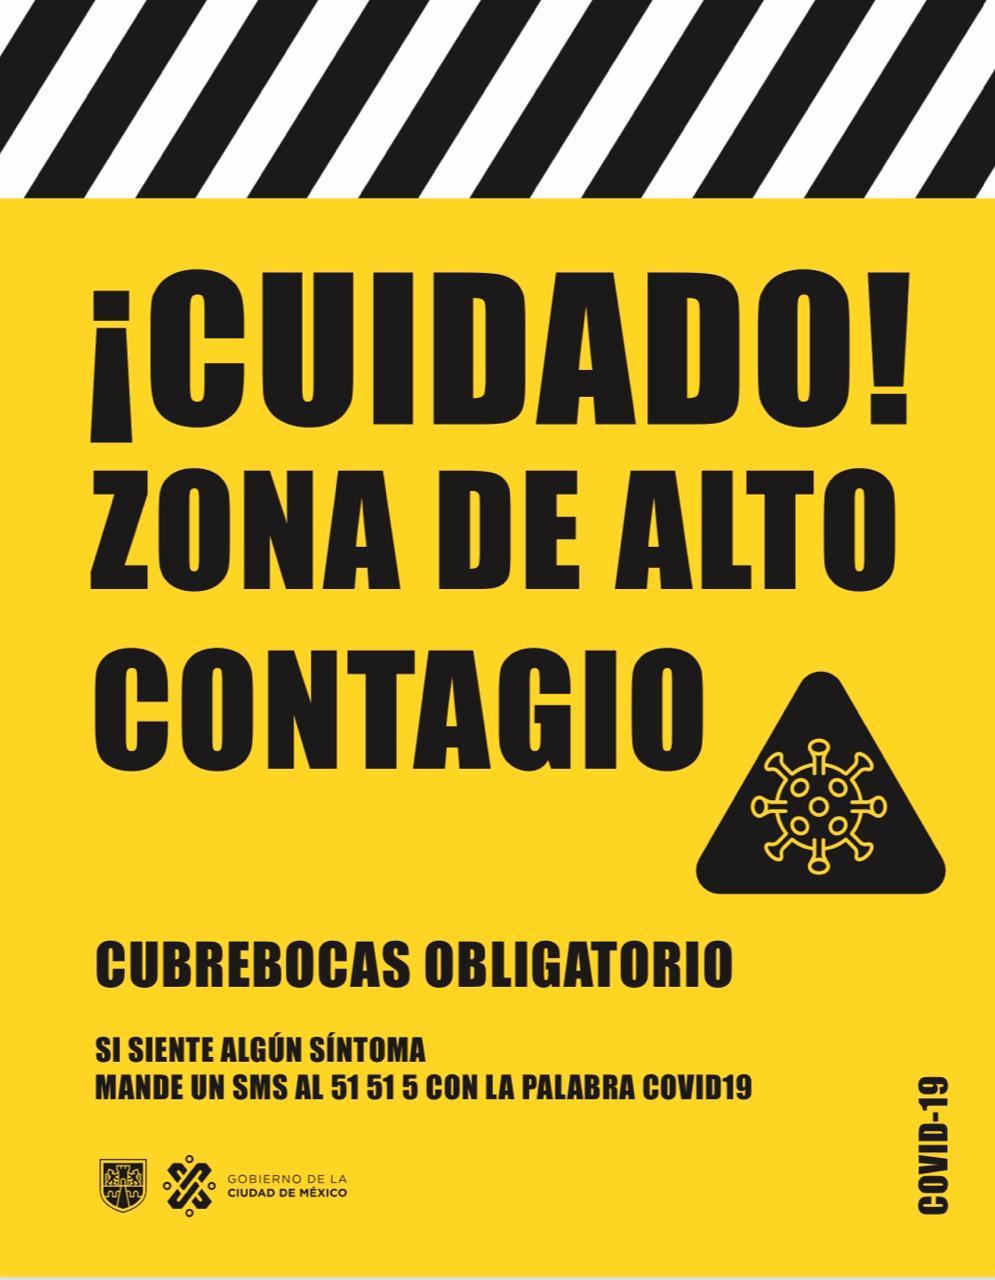 cuidado-gcdmx-senalizara-zonas-de-alto-contagio-de-covid-19